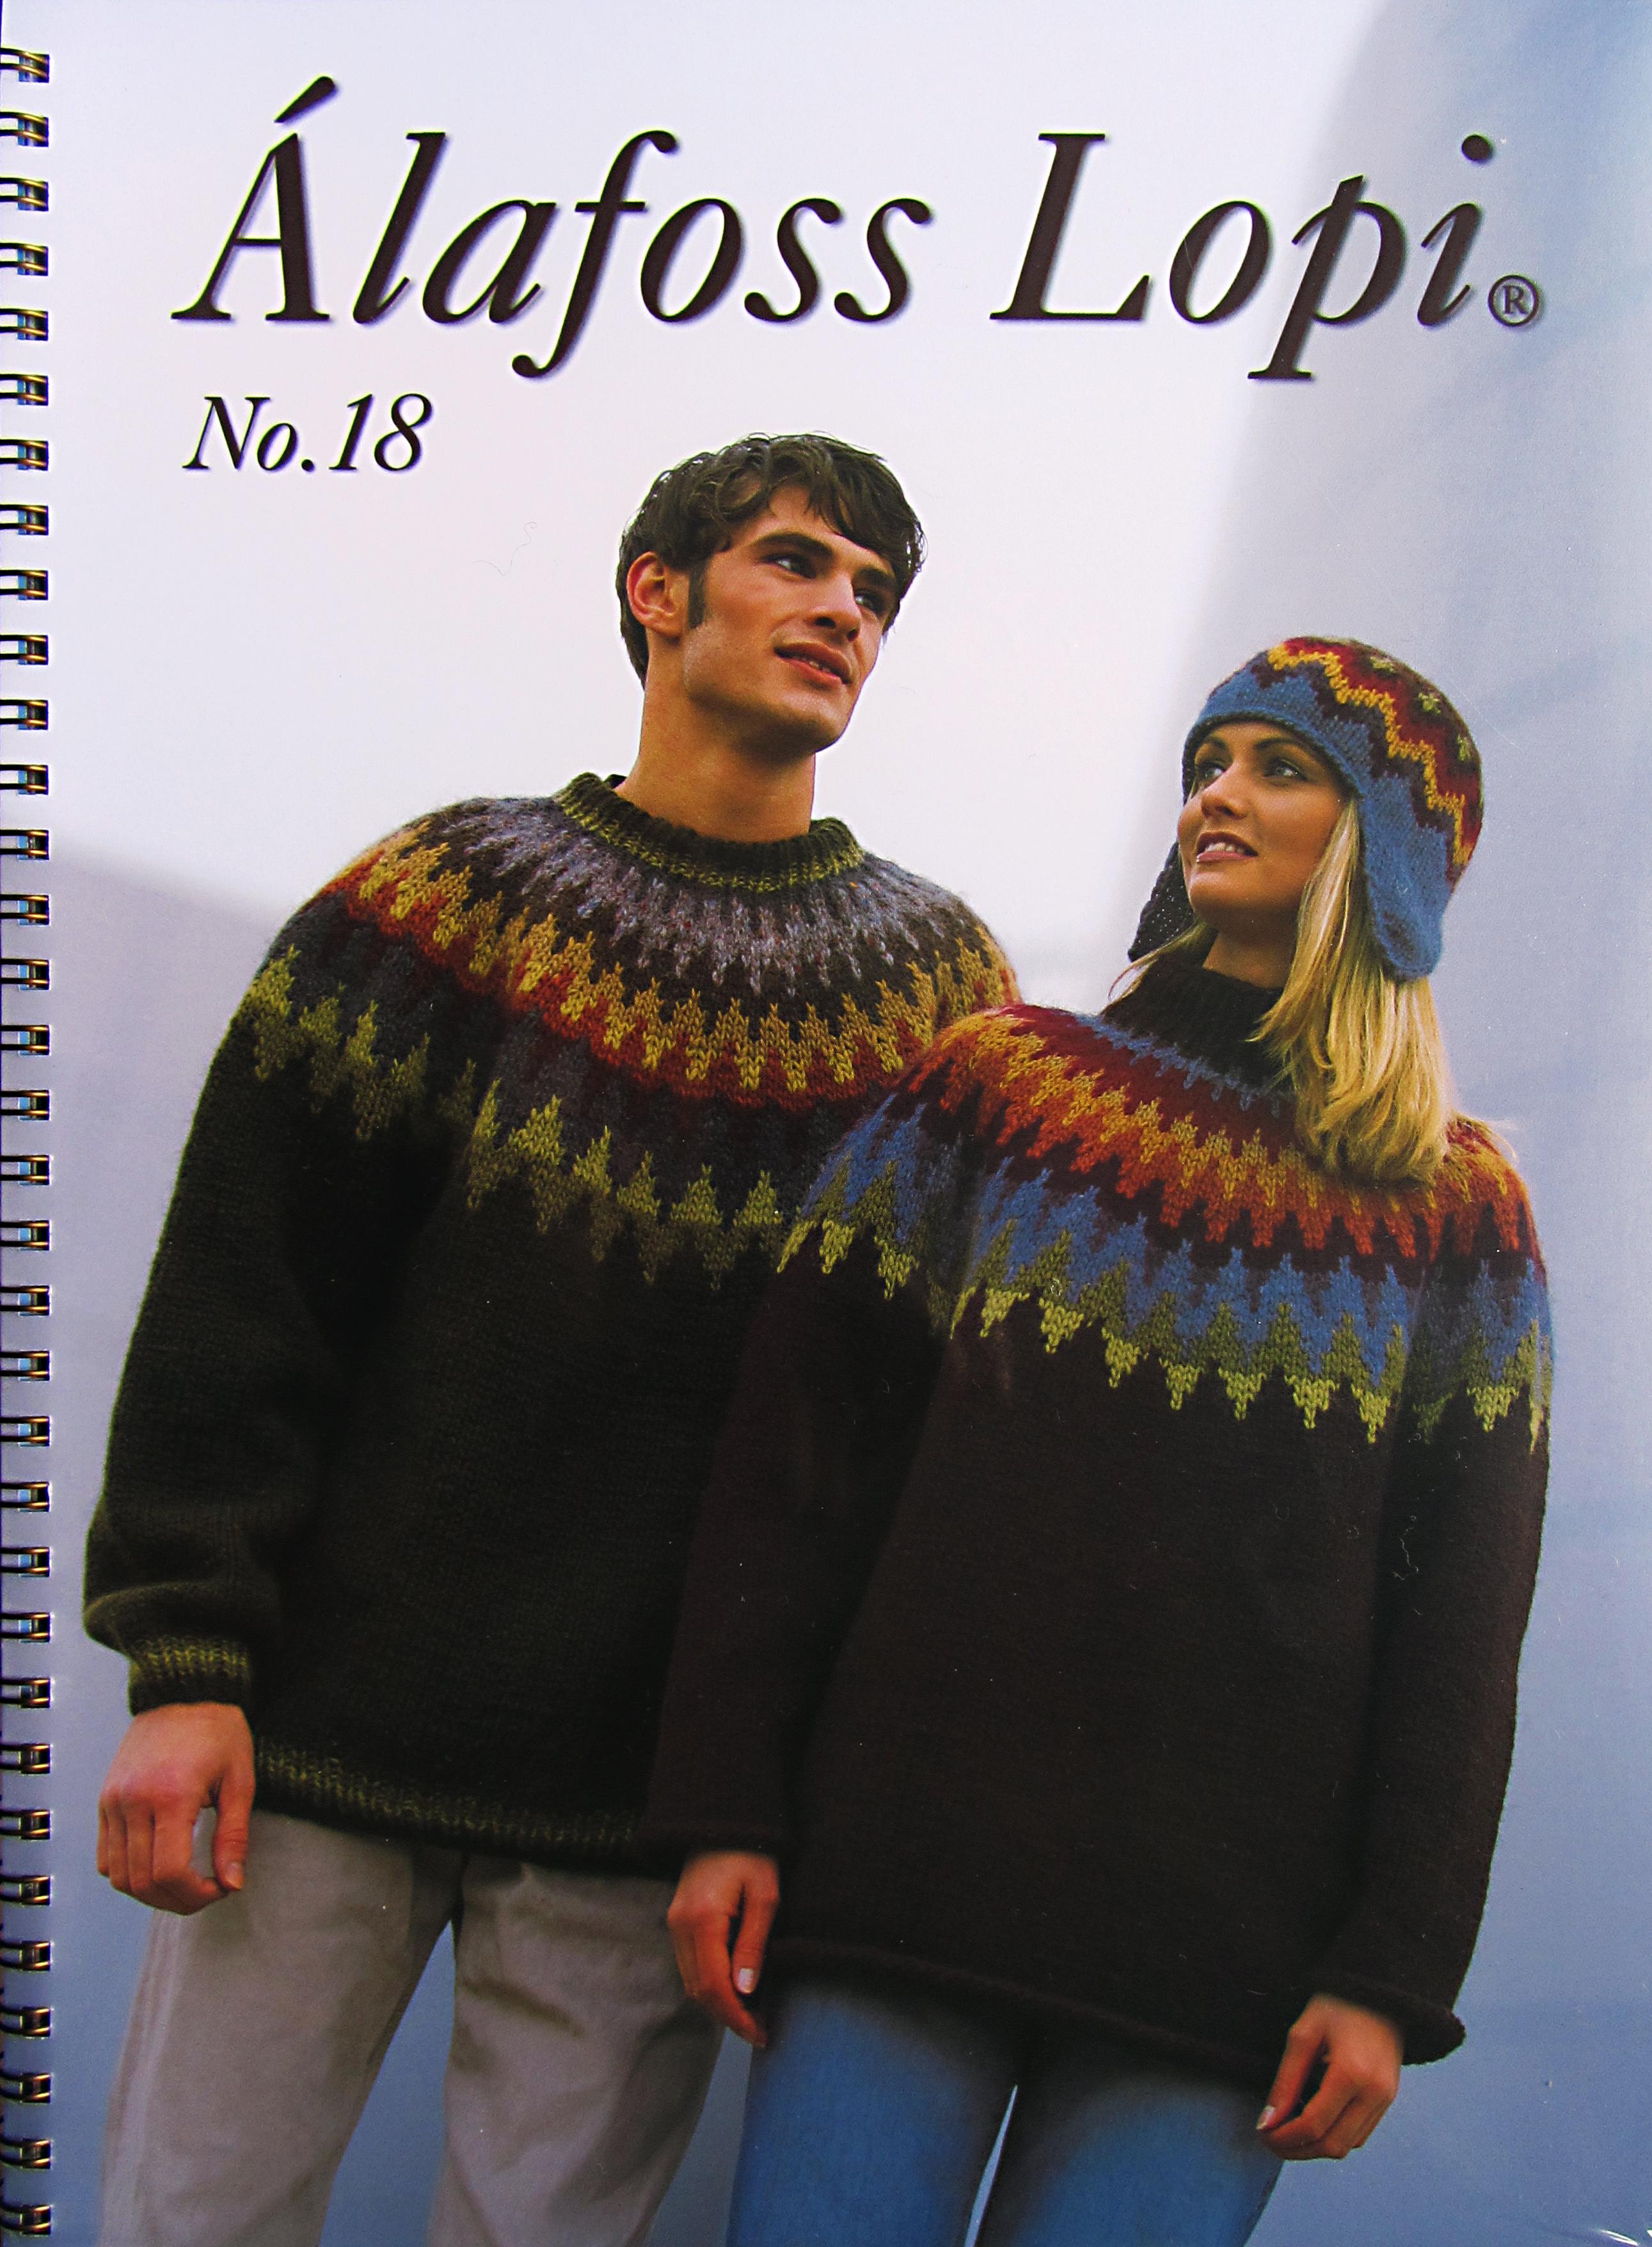 Islina Garn och Design (Islina Yarn and Design) - Book - Lopi 18